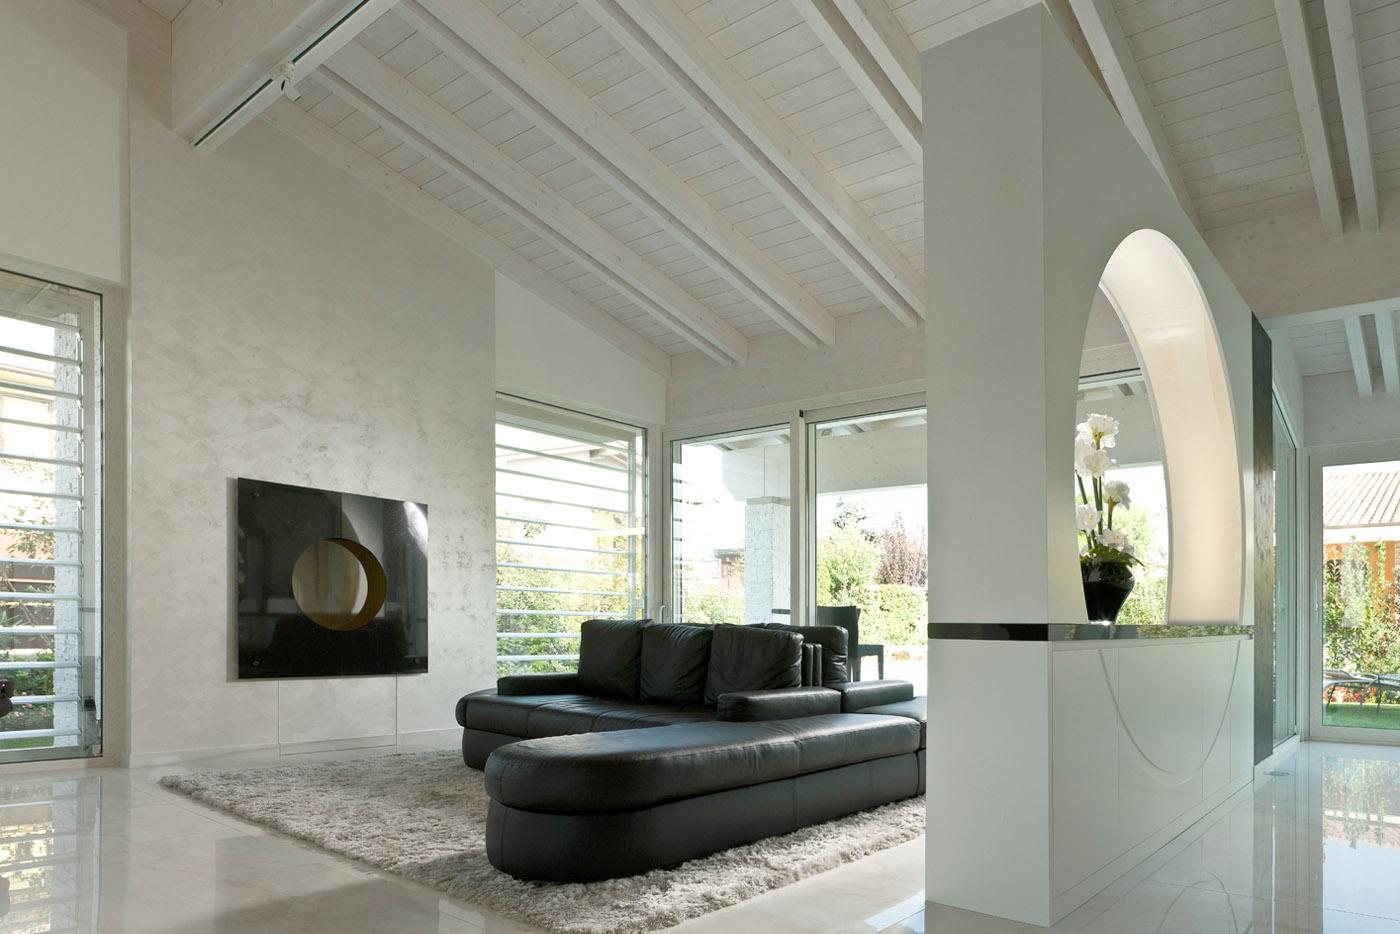 Living su misura divano pelle simone casarotto design architetto architettura interni agosto